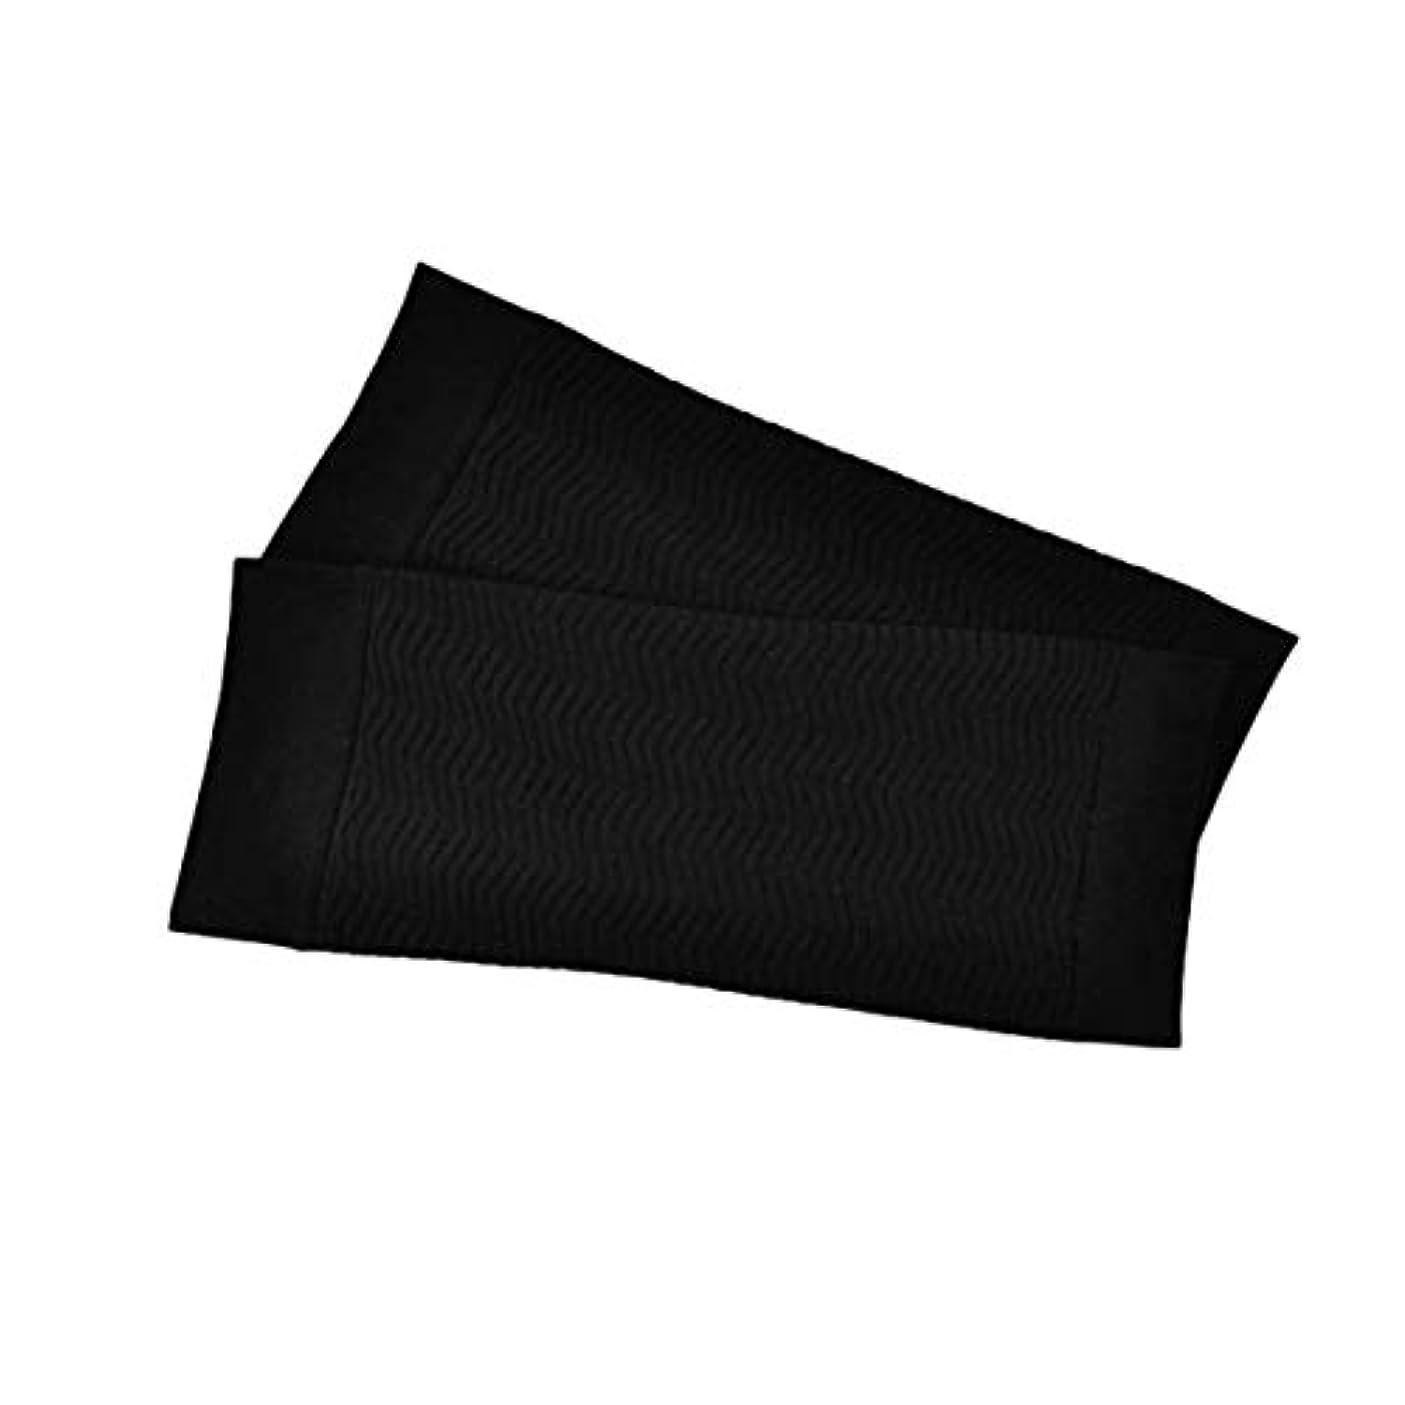 ベテラン幼児考え1ペア680 D圧縮アームシェイパーワークアウトトーニングバーンセルライトスリミングアームスリーブ脂肪燃焼半袖用女性 - ブラック